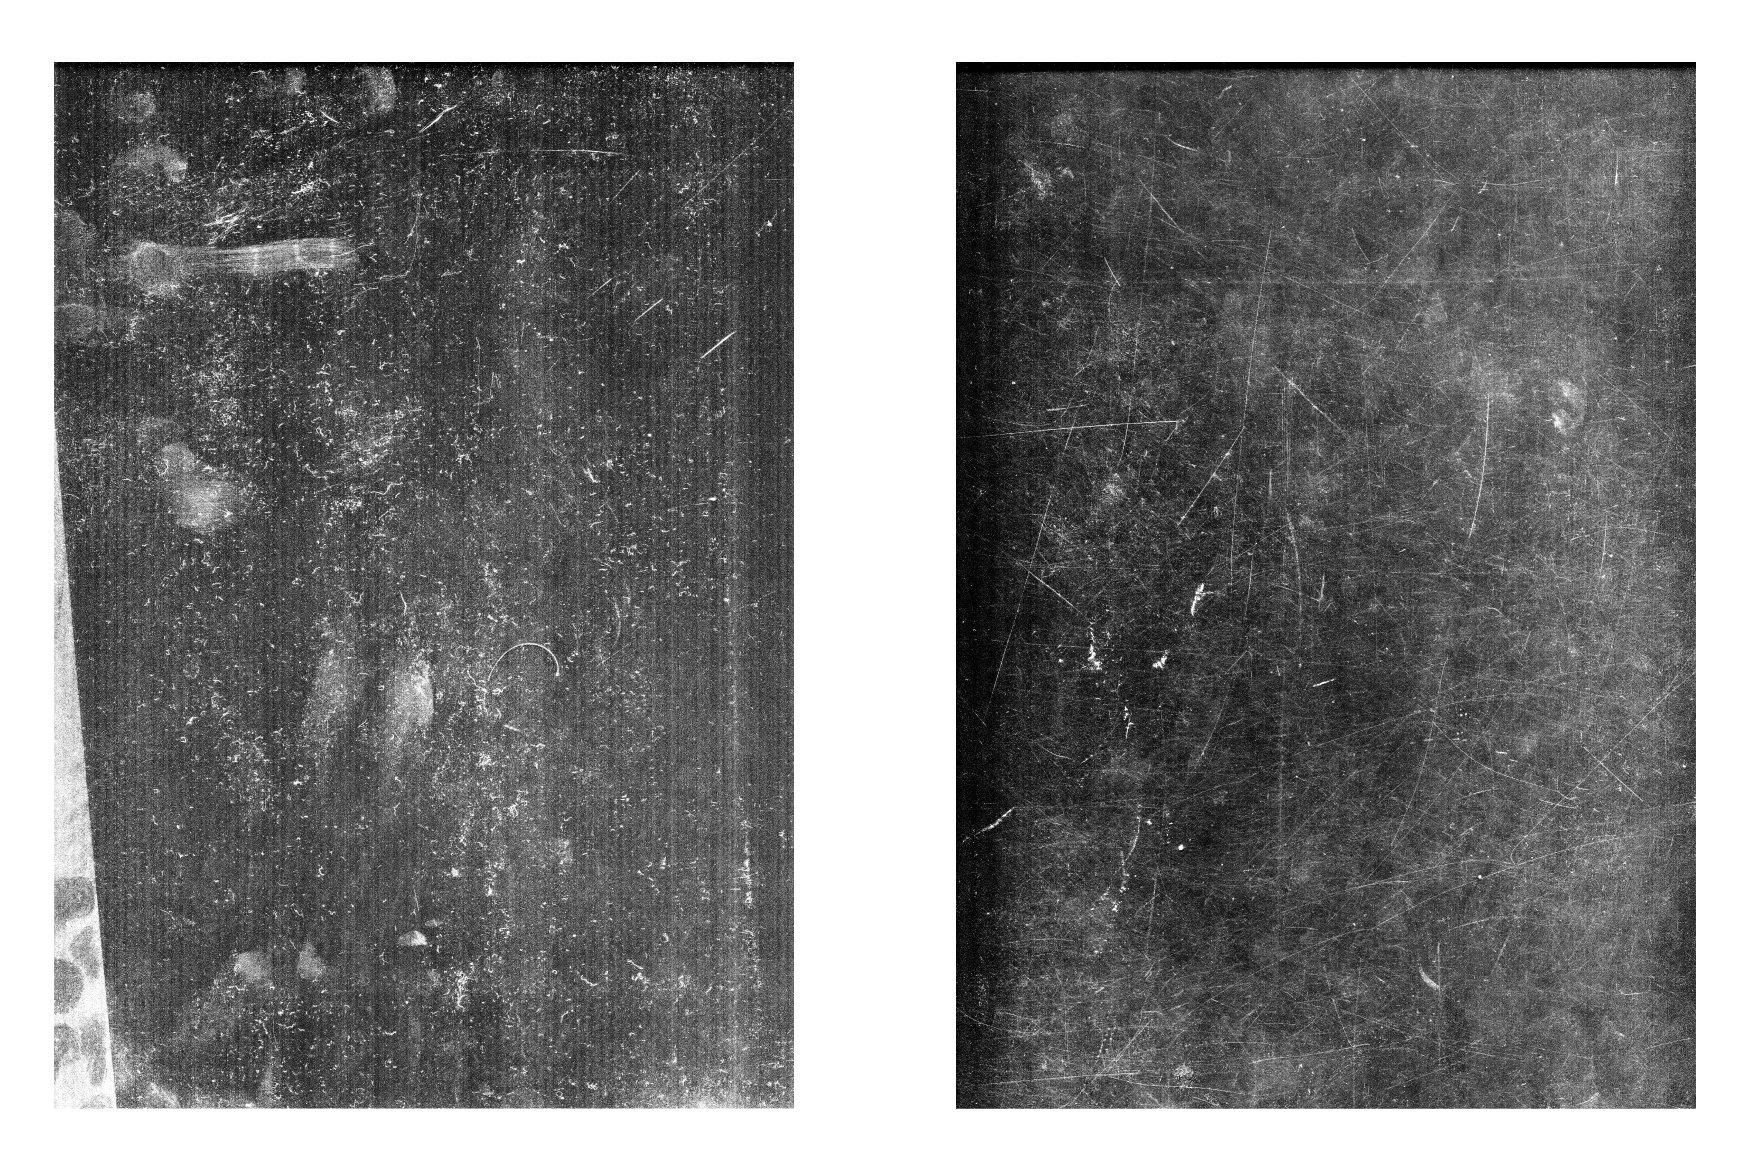 156款复古做旧折痕磨损褶皱纸张背景纹理素材合集 The Grunge Texture Bundle Vol. 1插图(58)